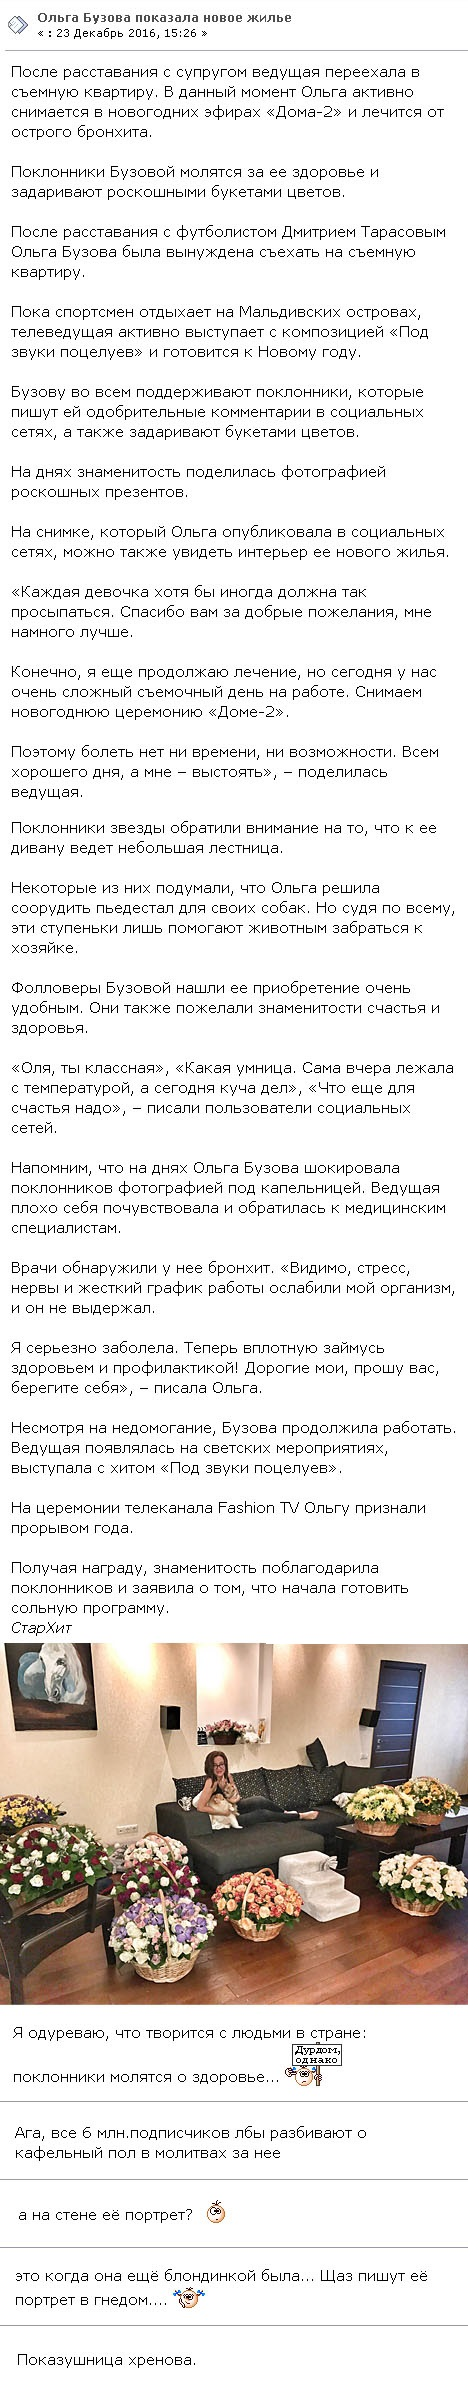 Где живет Ольга Бузова после развода с Дмитрием Тарасовым